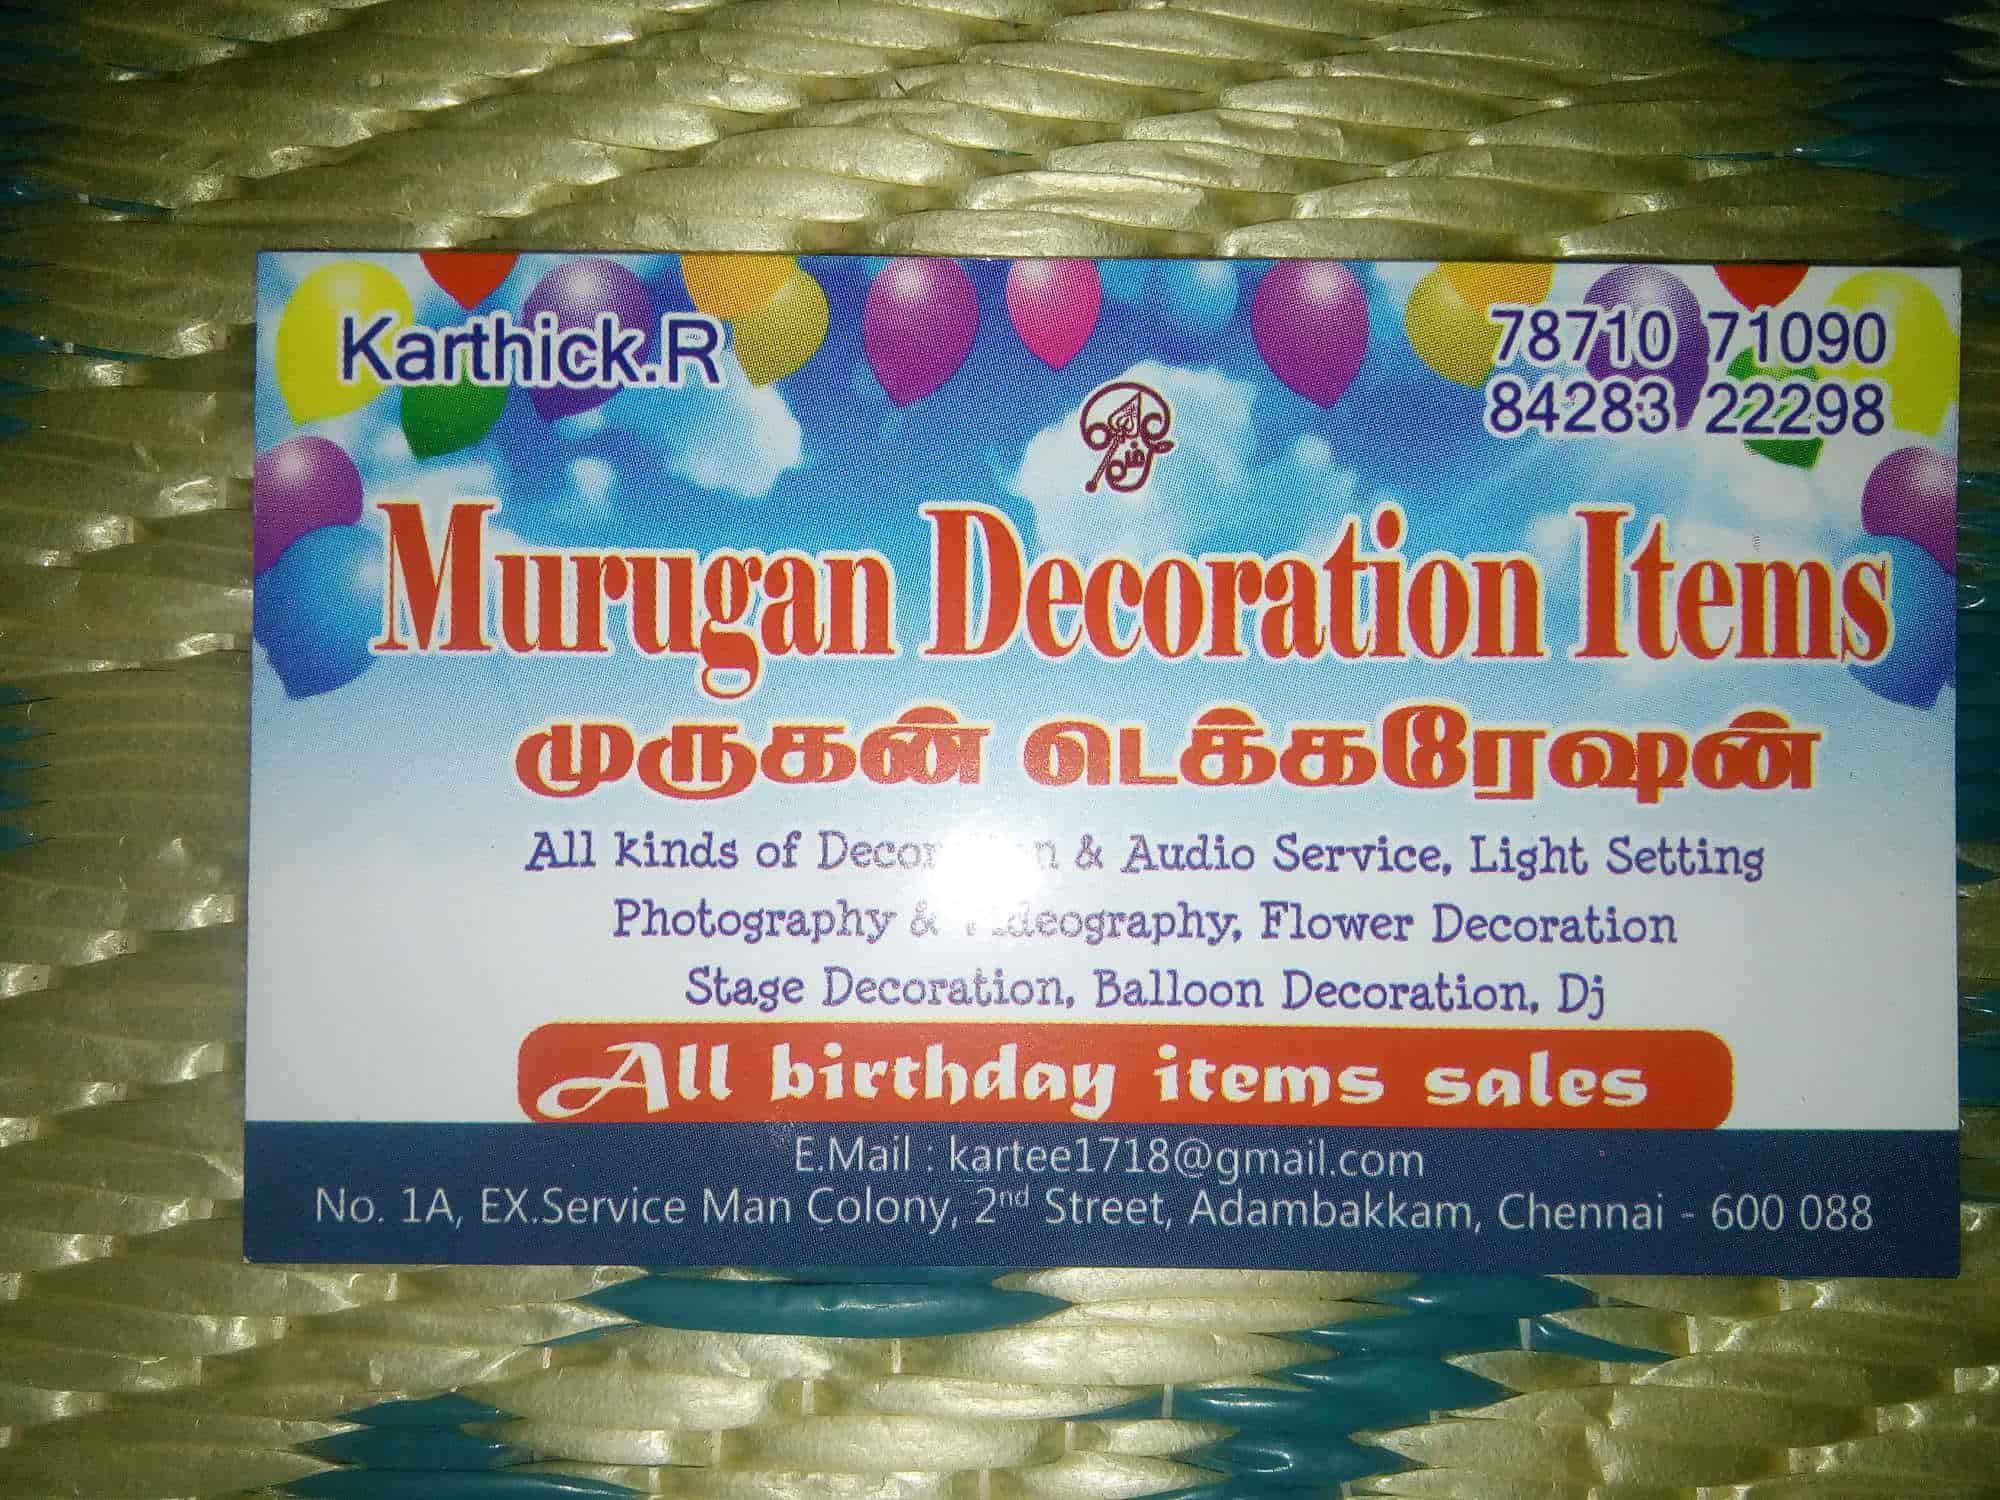 Murugan Decoration Items, Adambakkam - Flower Decorators in Chennai